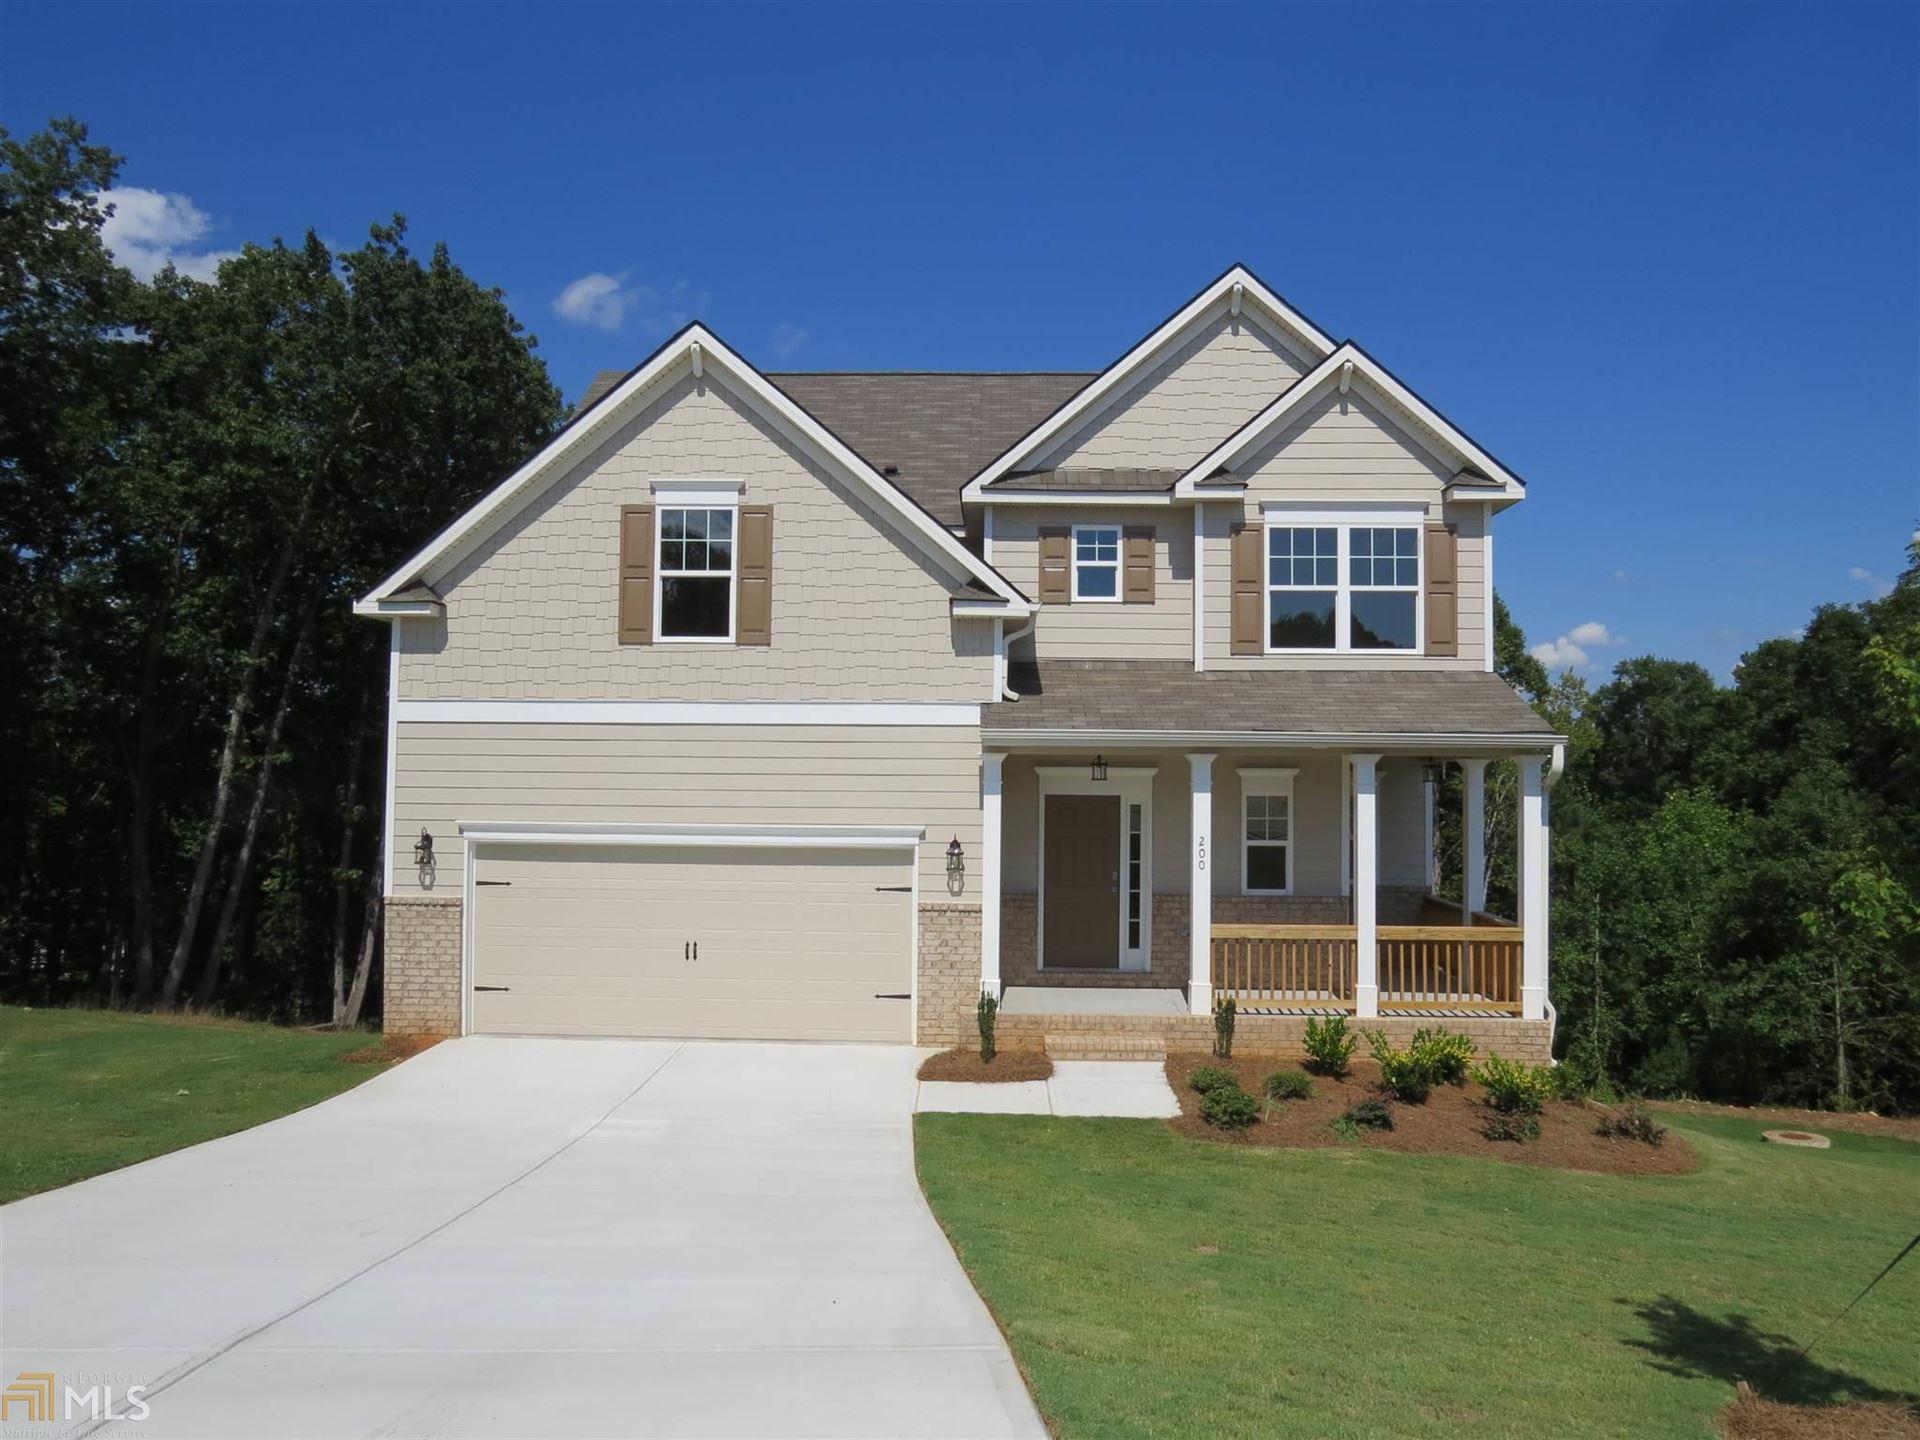 200 Highwood Dr, Covington, GA 30016 - MLS#: 8824356